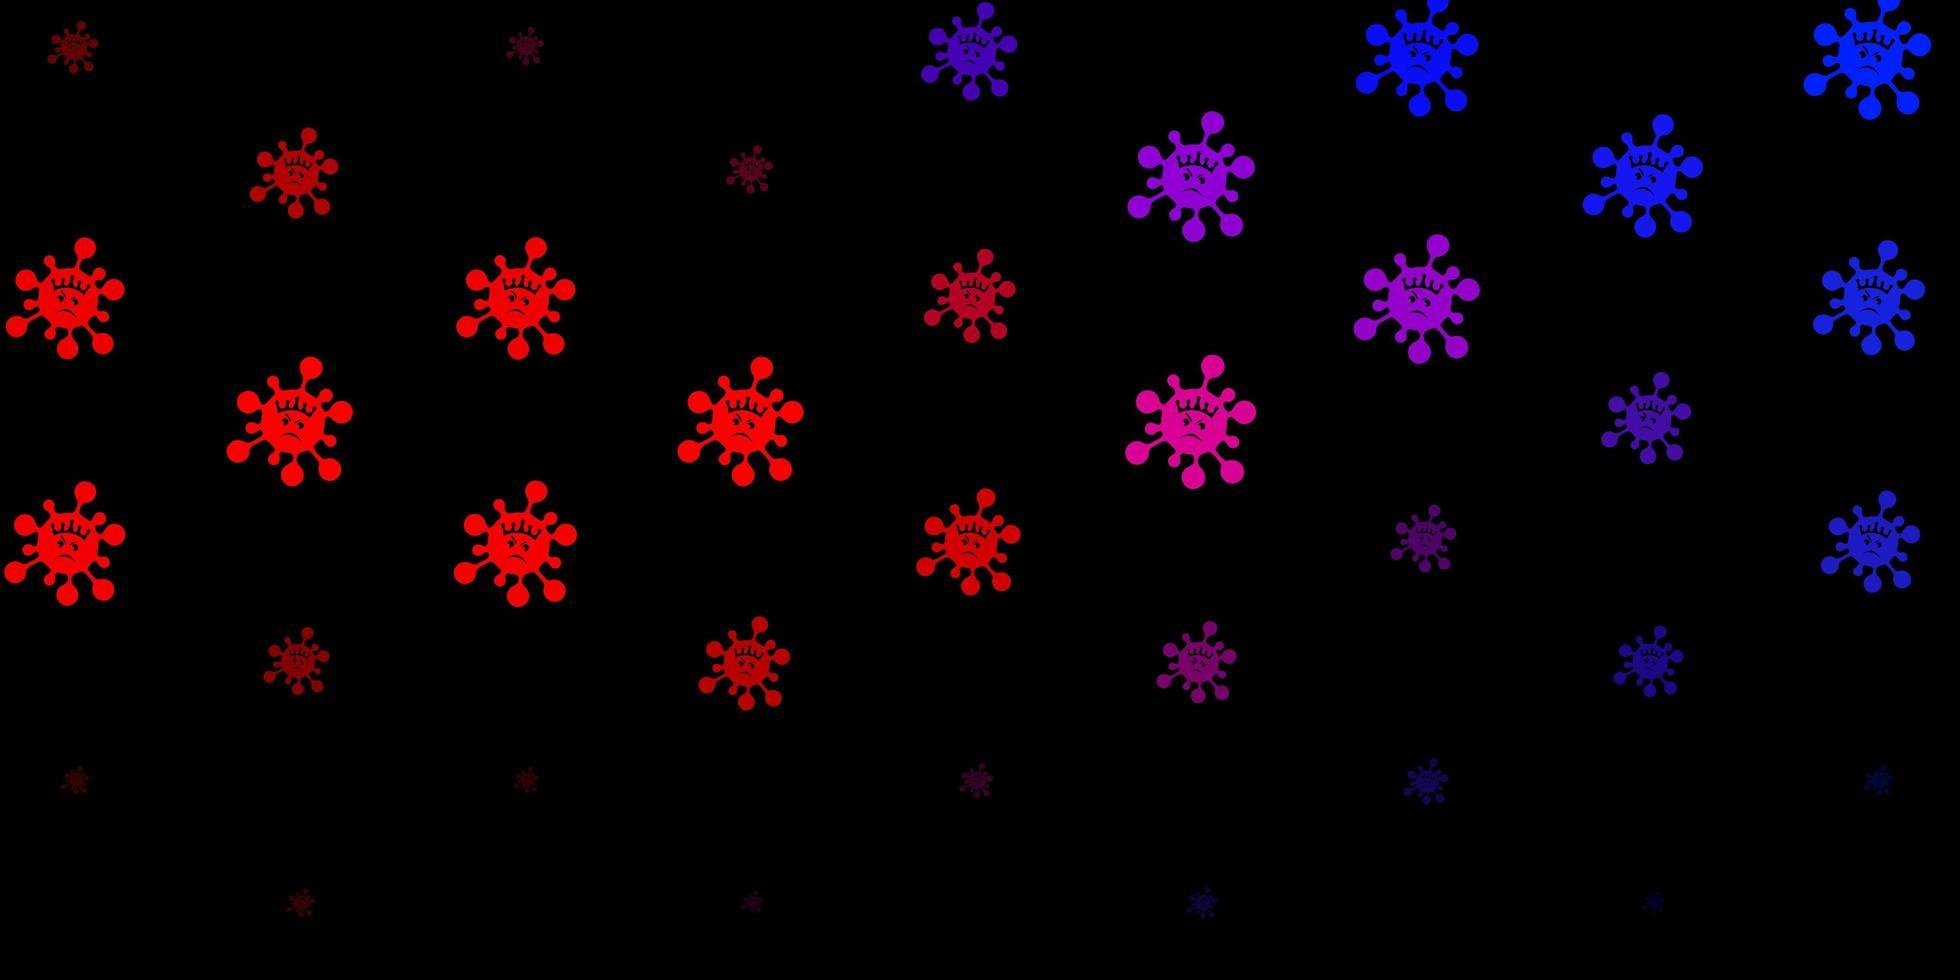 padrão de vetor azul escuro e vermelho com elementos de coronavírus.